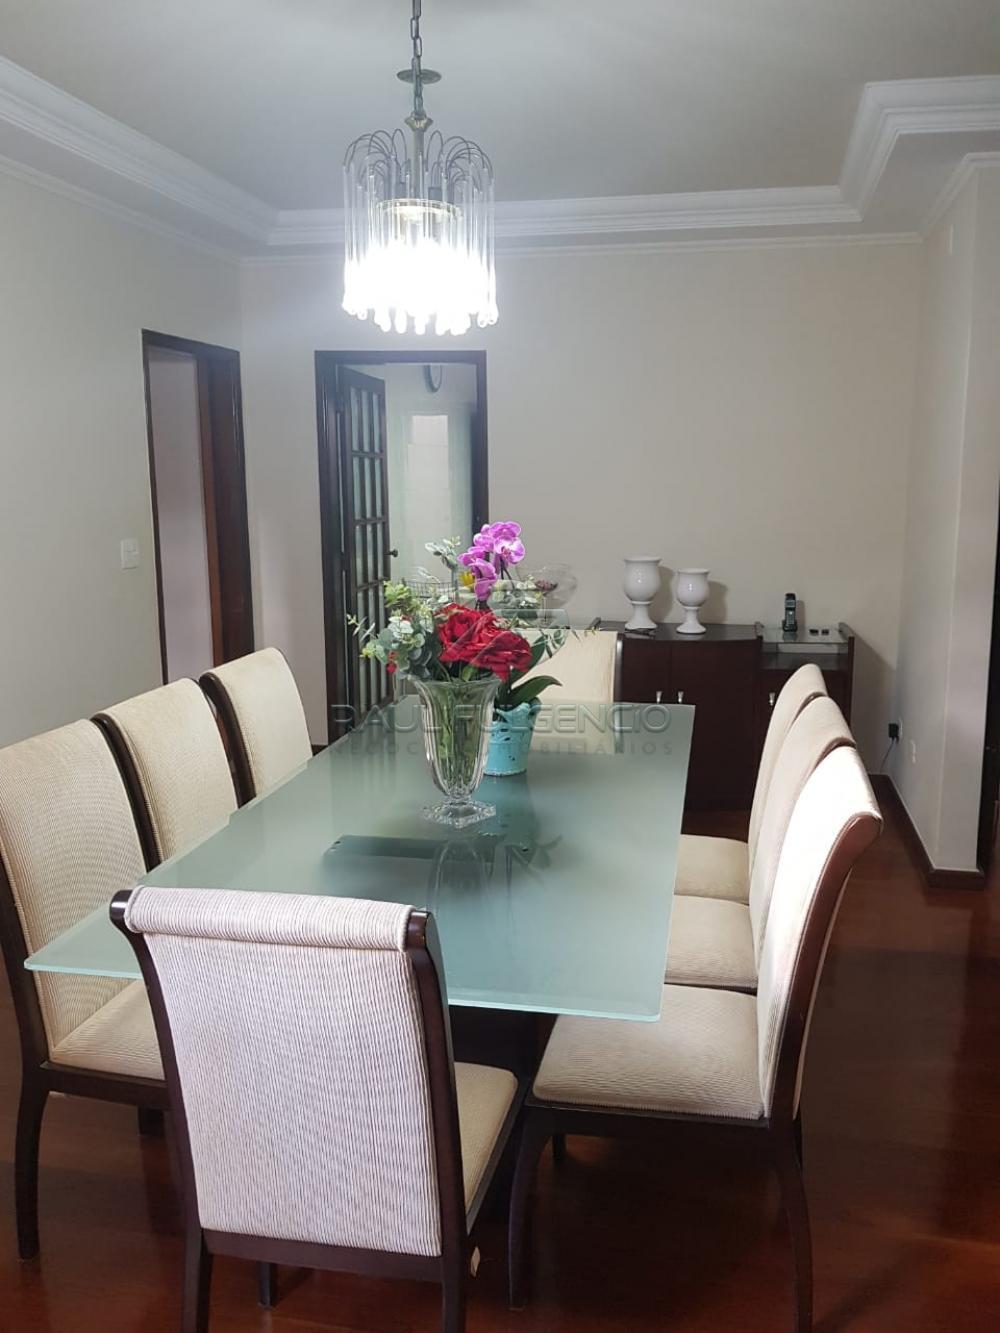 Comprar Casa / Térrea em Londrina apenas R$ 595.000,00 - Foto 5